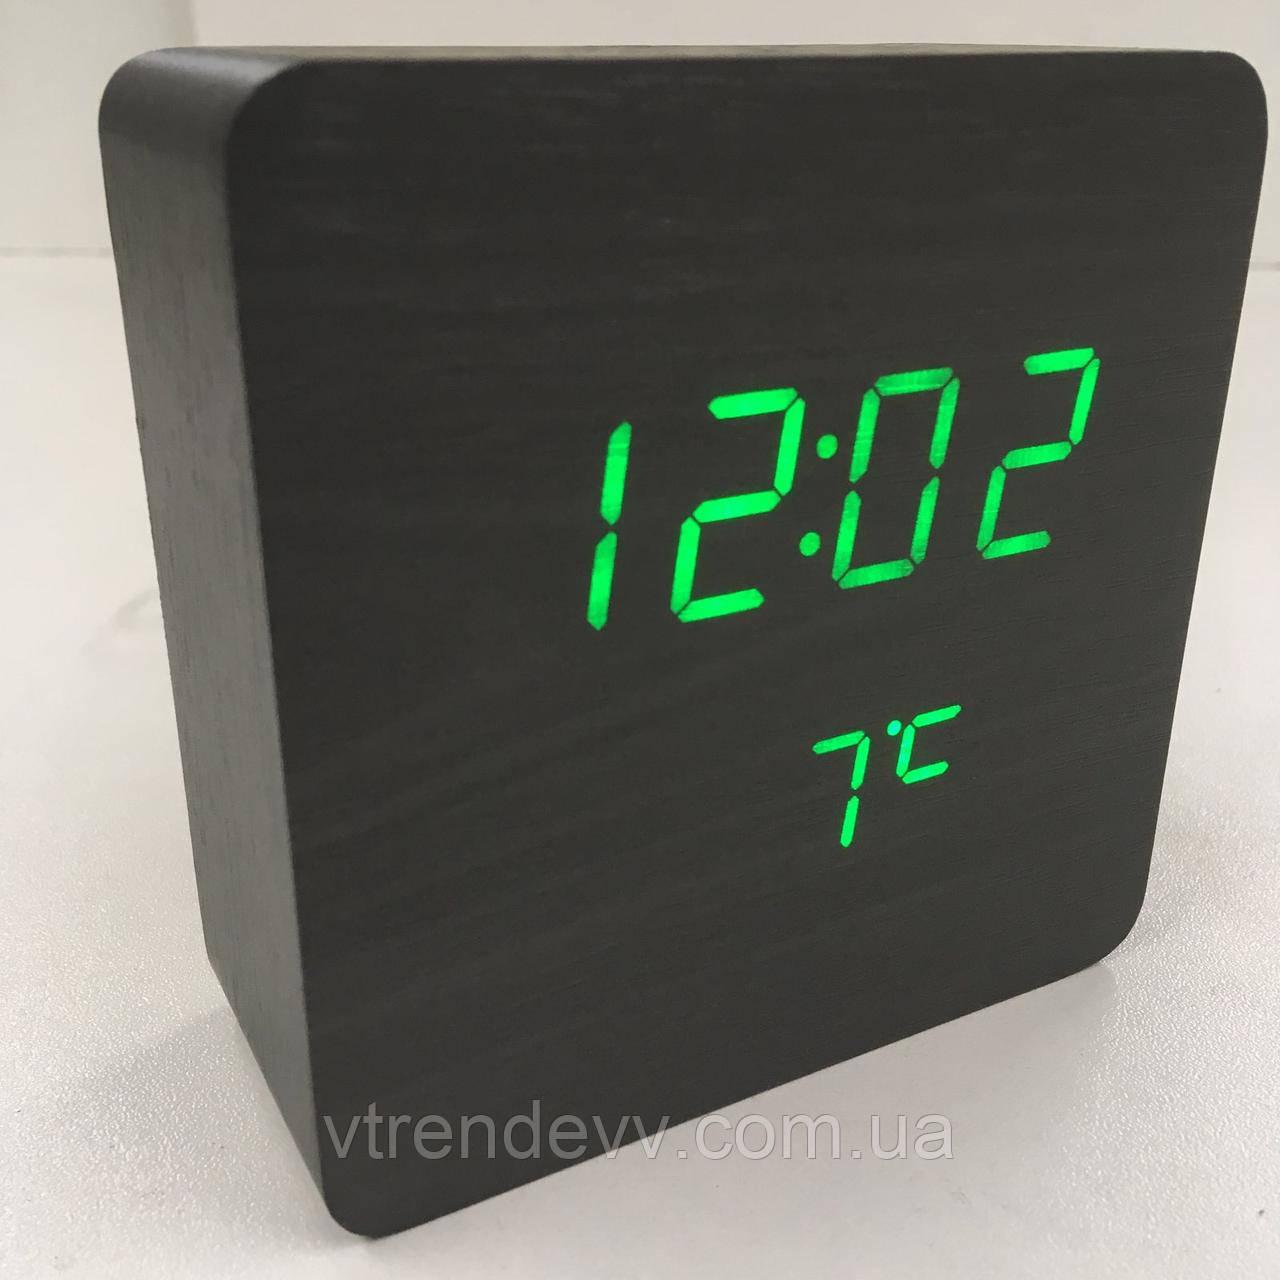 Часы электронные настольные с датчиком температуры LED VST-872 черные Original